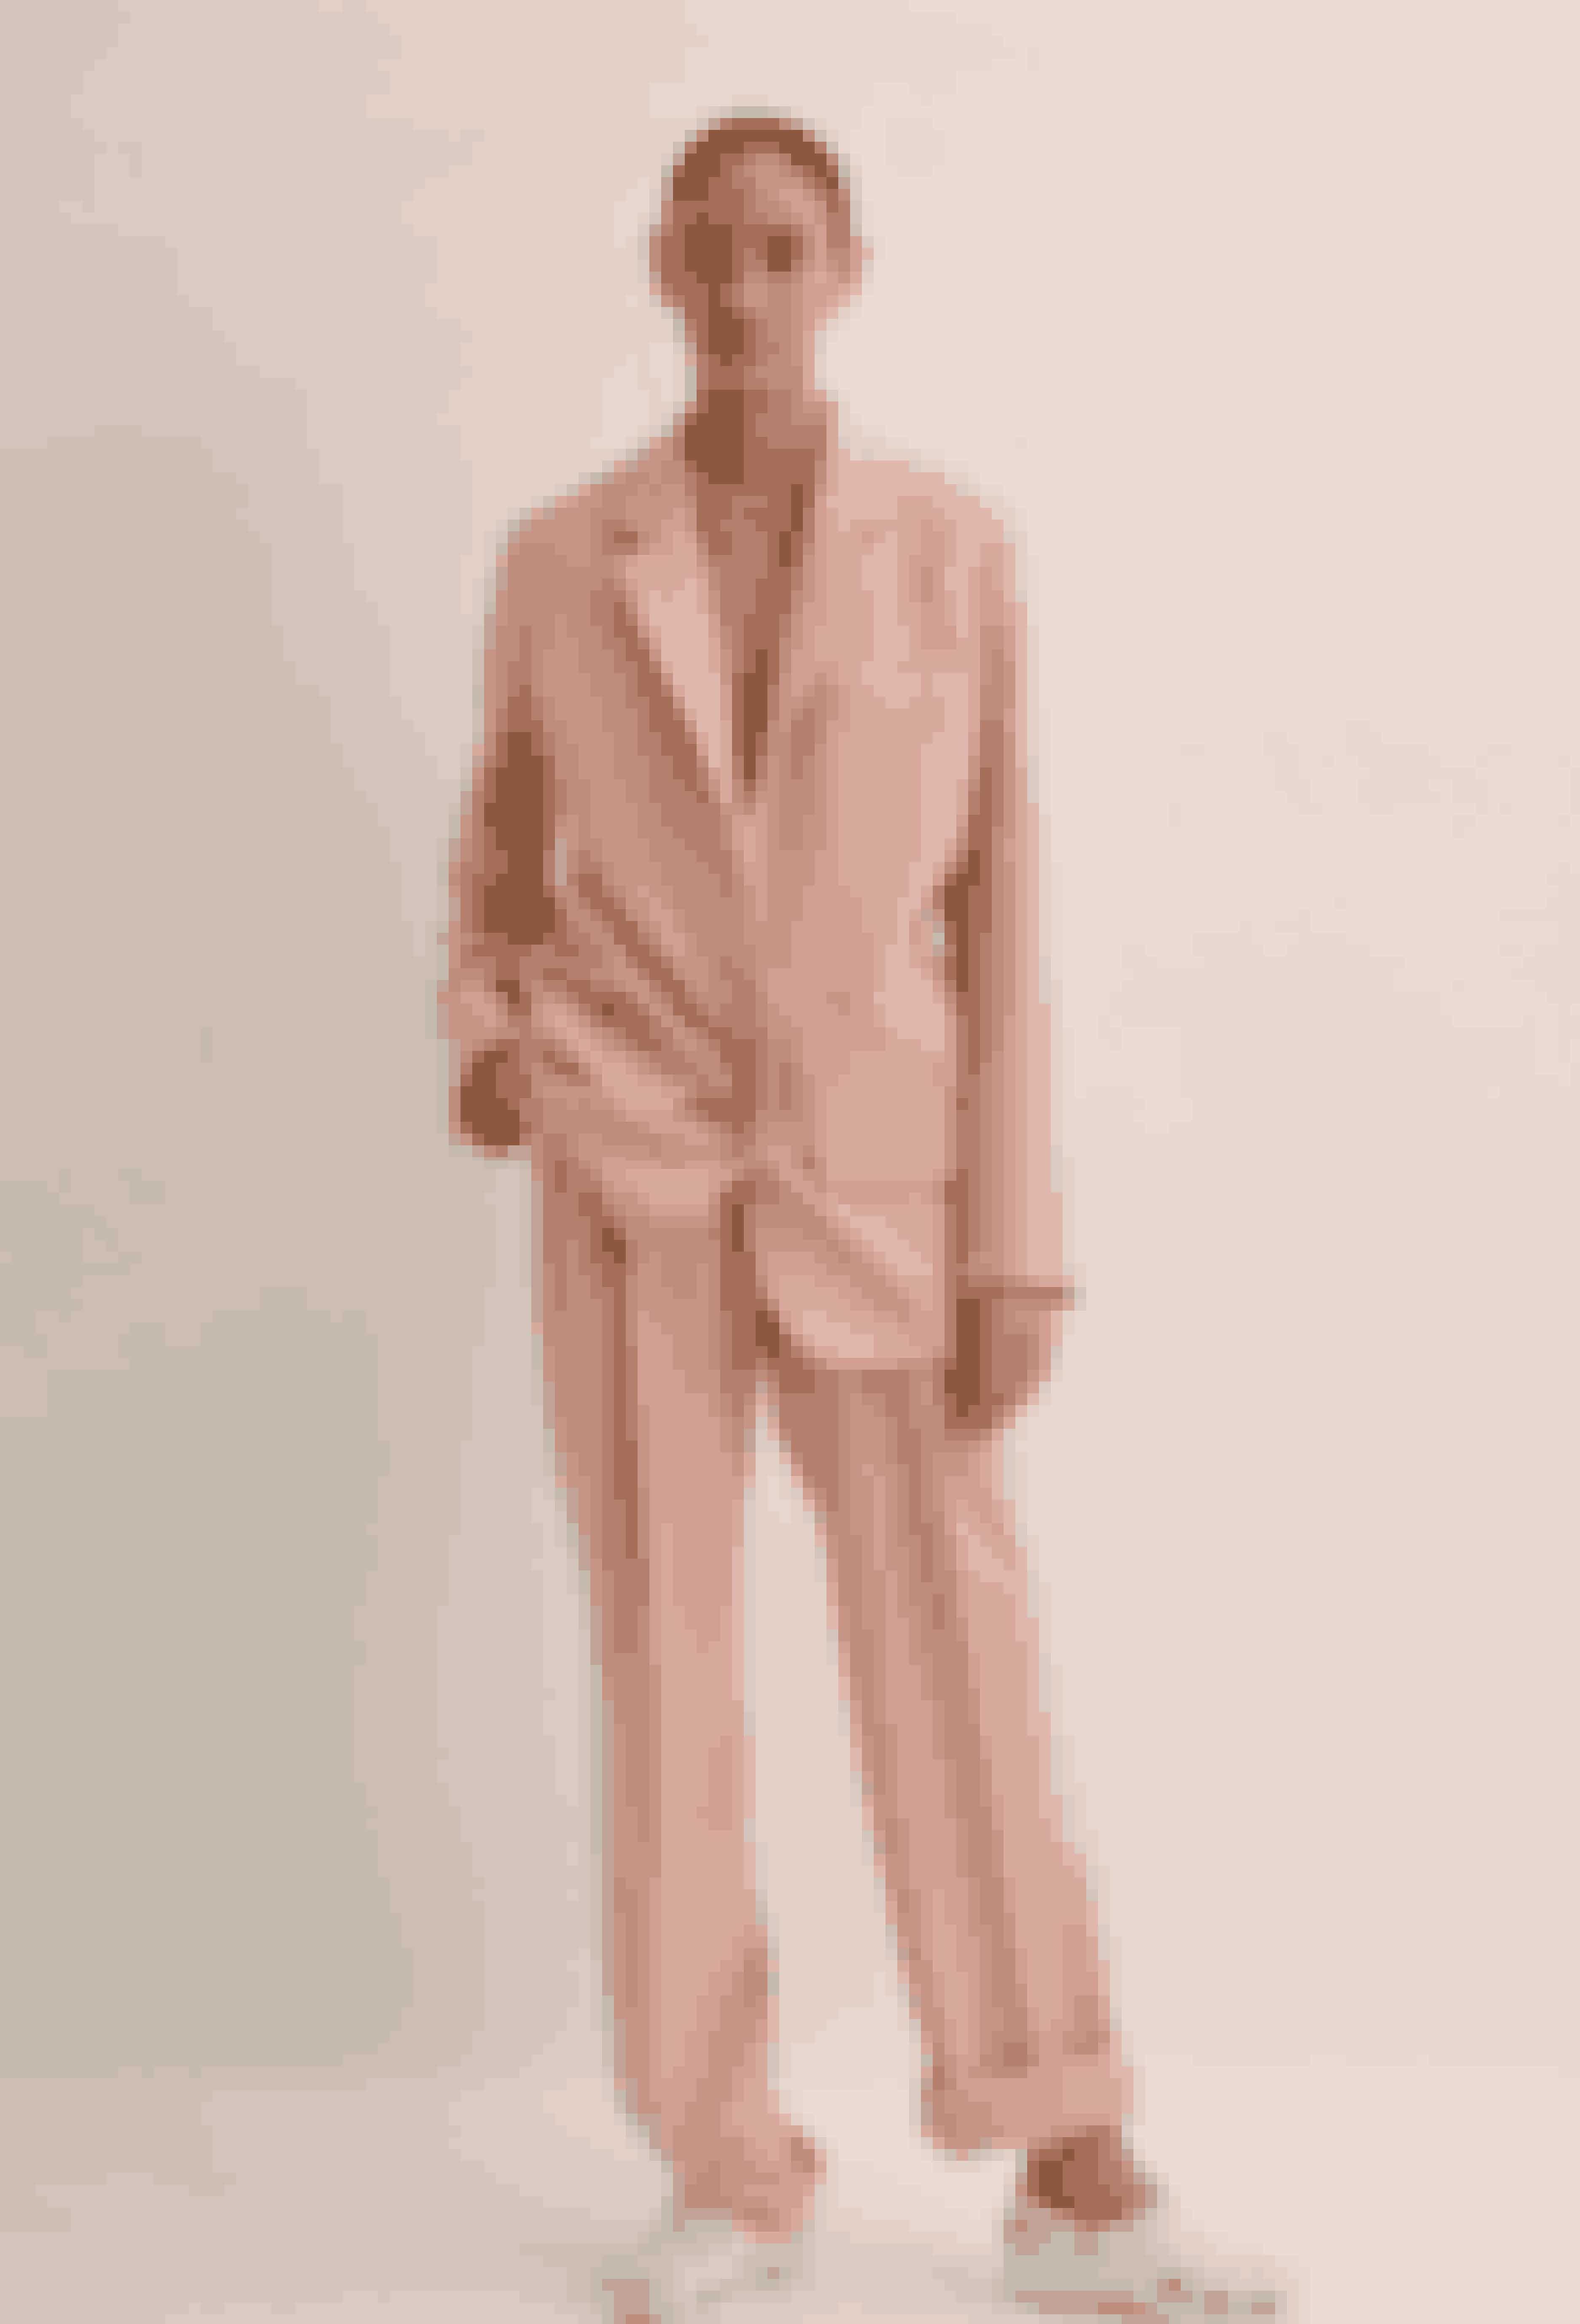 Malaikaraiss pop-up-butikVed dette års modeuge debuterer det tyske mode- og smykkebrand Malaikaraiss med deres første indtræden på den danske modescene, med SS21-kollektionen. Efter præsentationen åbnes der op for offentligheden med en pop-up-butik, hvor man kan se SS21-kollektionen samt købe SS20 og AW20-kollektionen.Du kan finde åbningstider og adressen for Malaikaraiss pop-up butik her:Hvor: Tullinsgade 11, 1618 København VHvornår: Mandag d. 10. august kl. 14.00-18.00 og tirsdag-onsdag d. 12. august kl. 10.00-18.00.